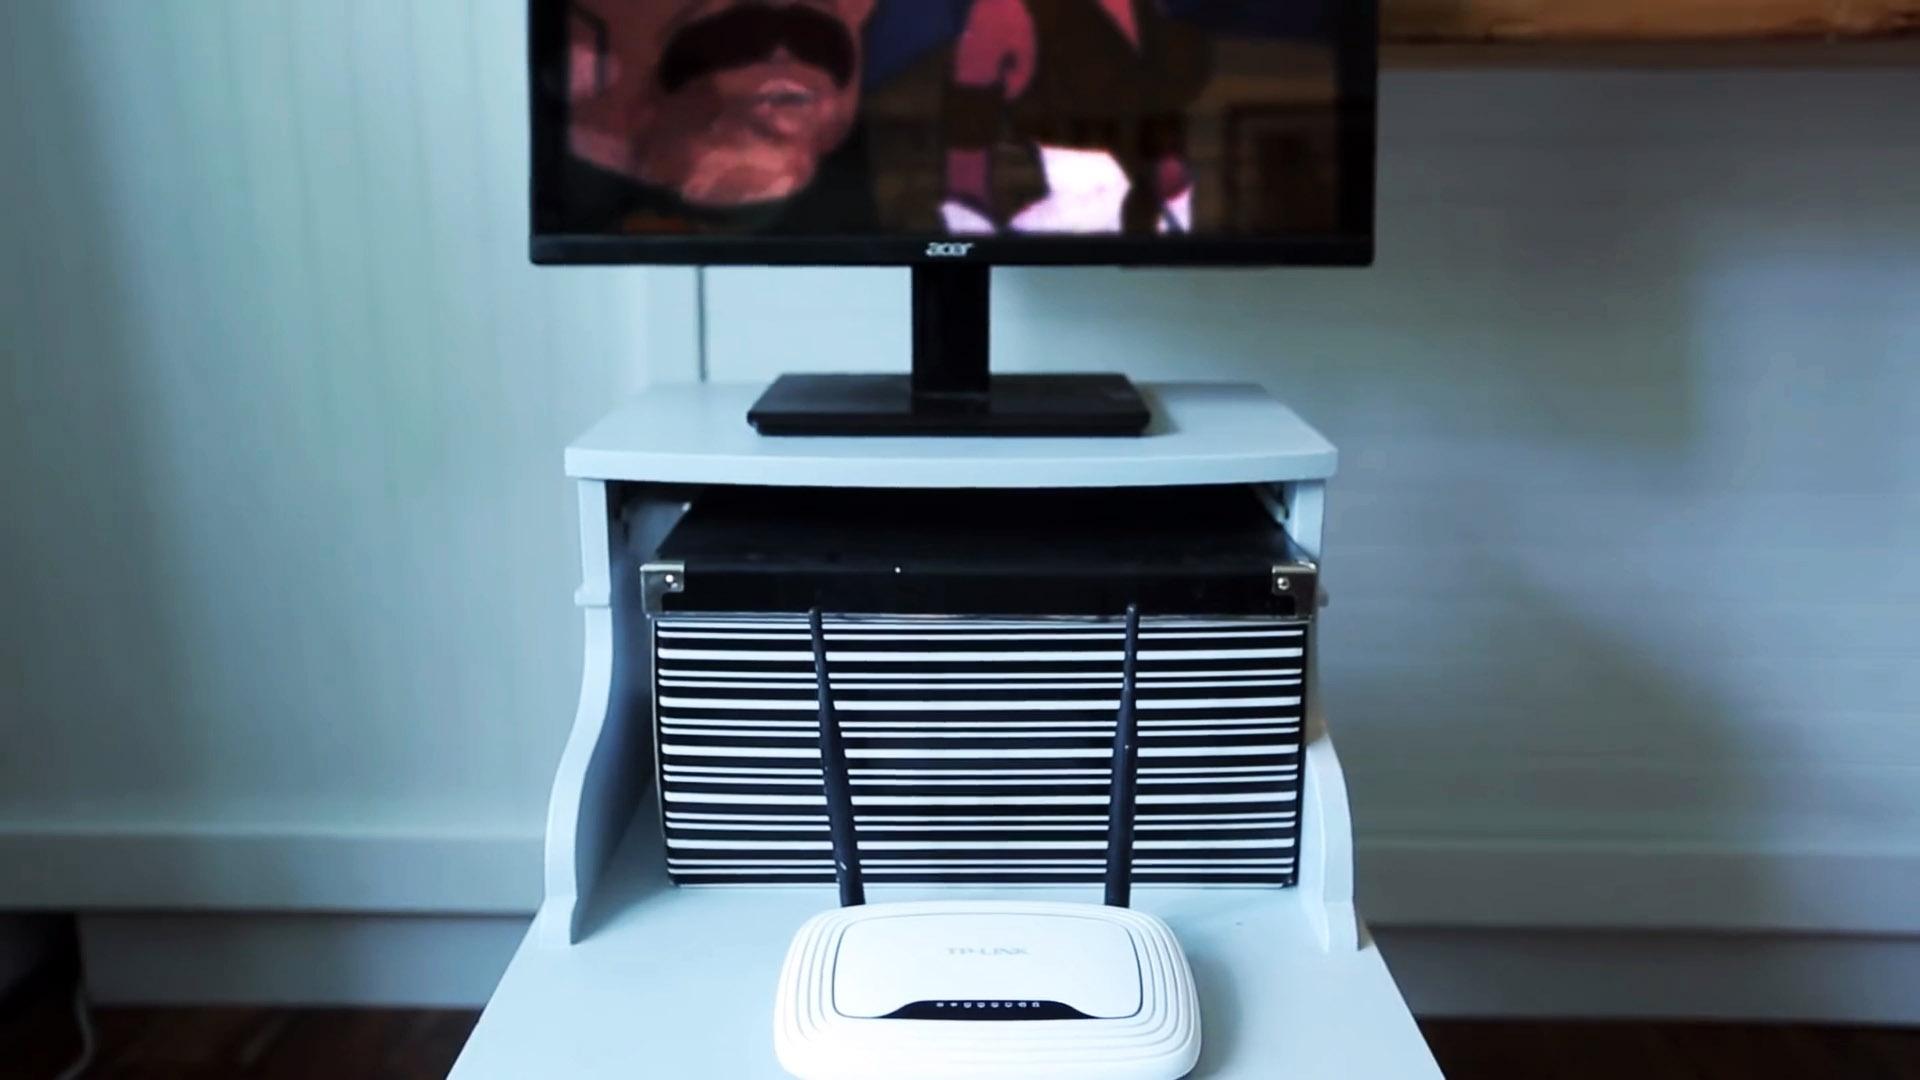 Хотите надежный Wi-Fi сигнал по всей квартире? Тогда вот вам 5 простых советов